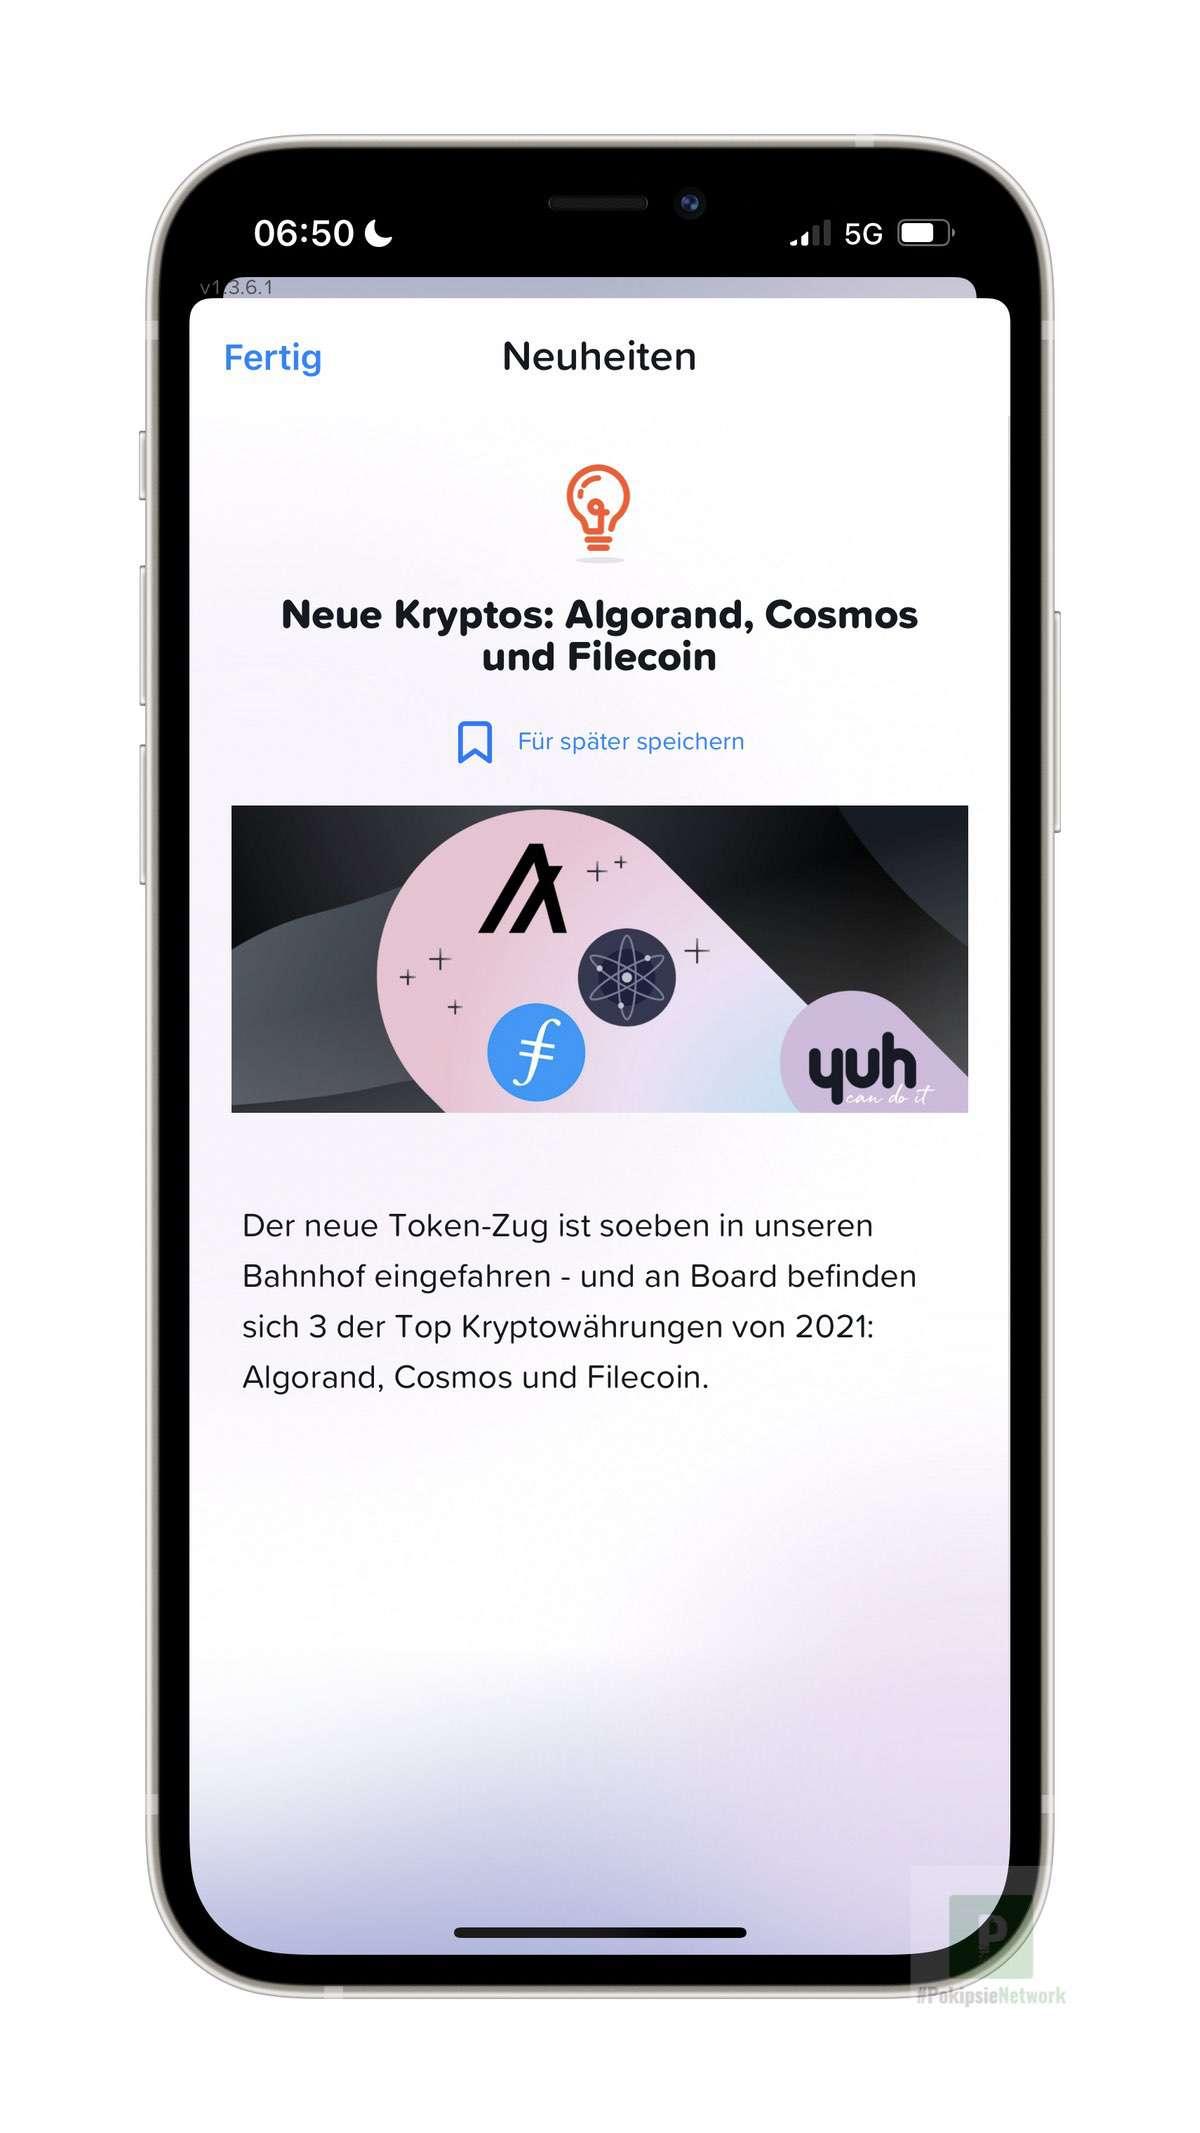 Neue Kryptos bei yuh: Algorand, Cosmos und Filecoin